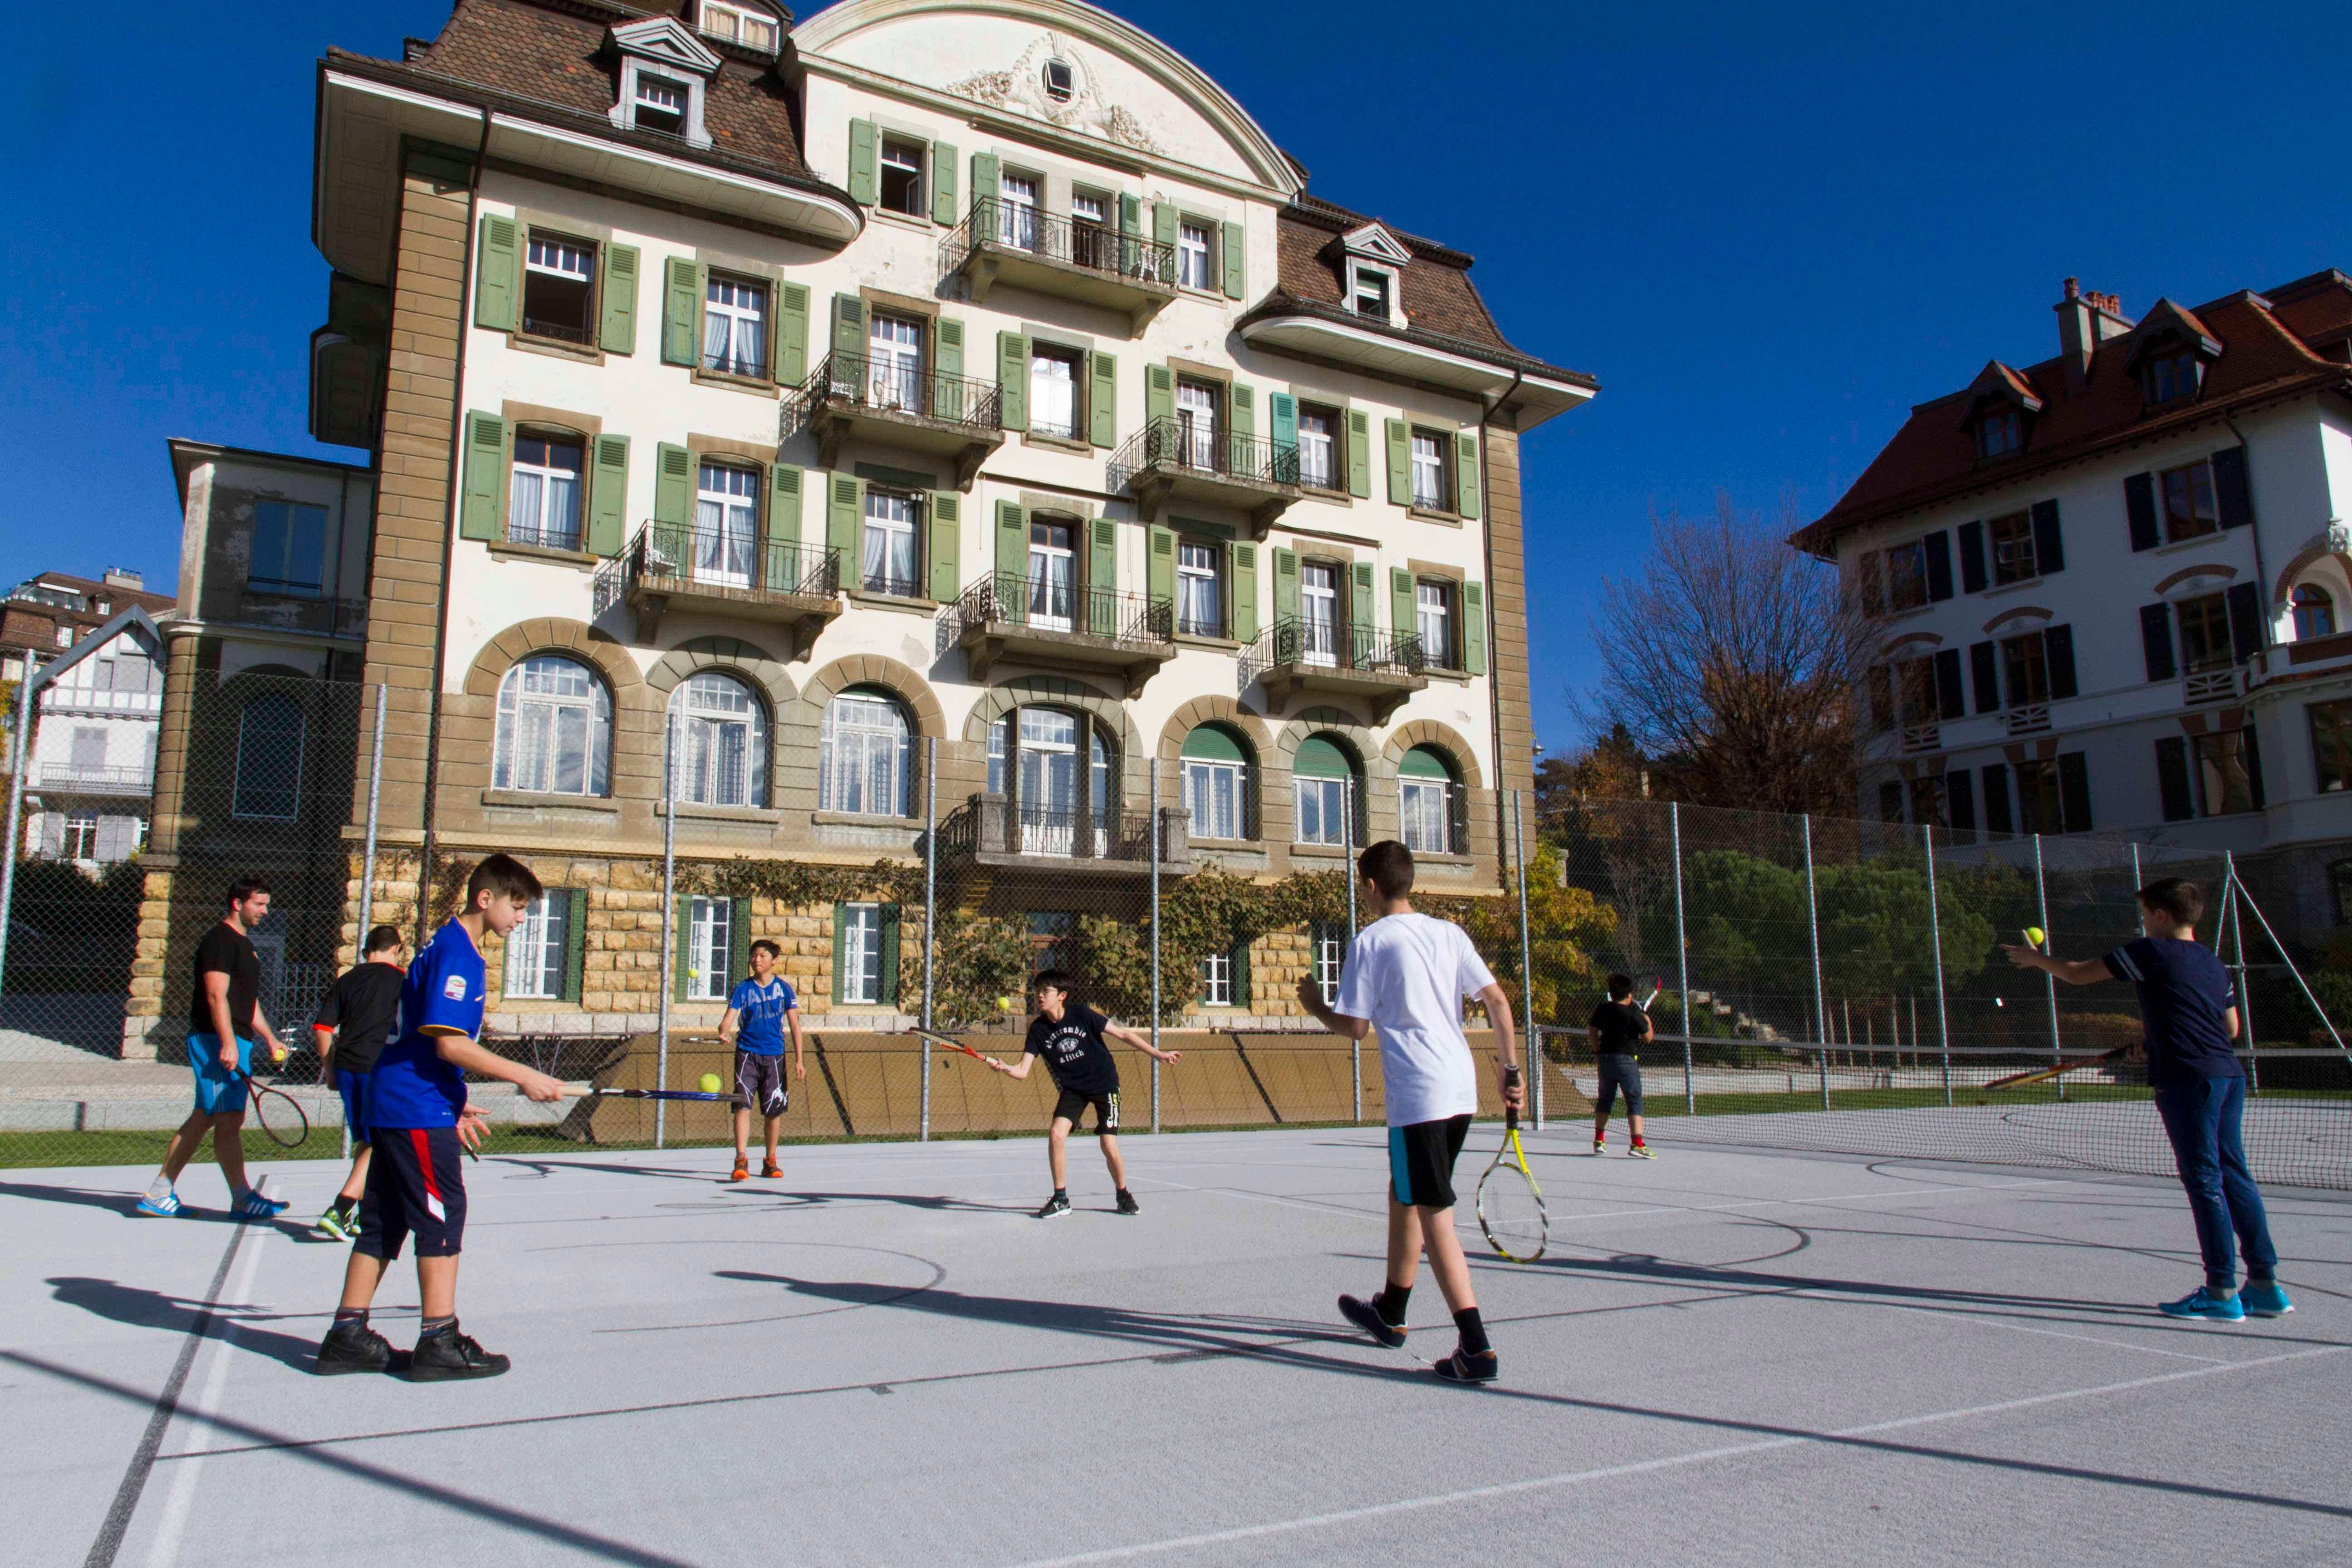 tennisboys.jpg